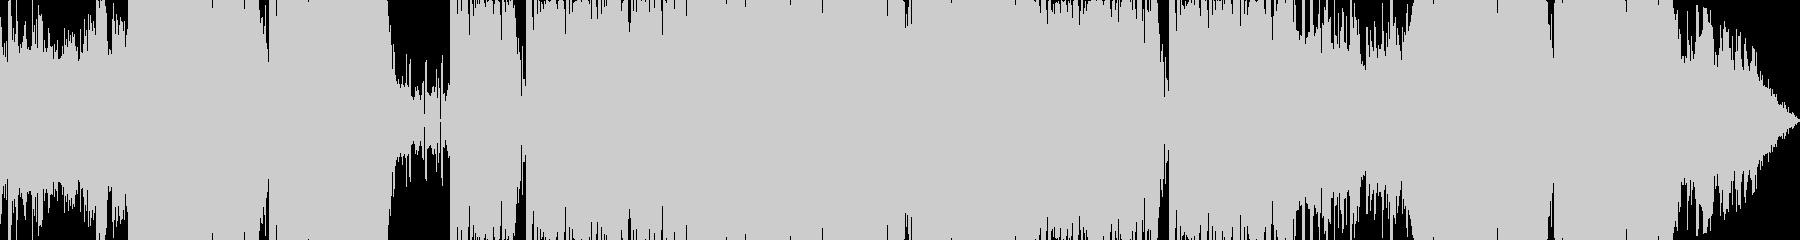 緊迫感のあるベルのメロディーのトラップの未再生の波形